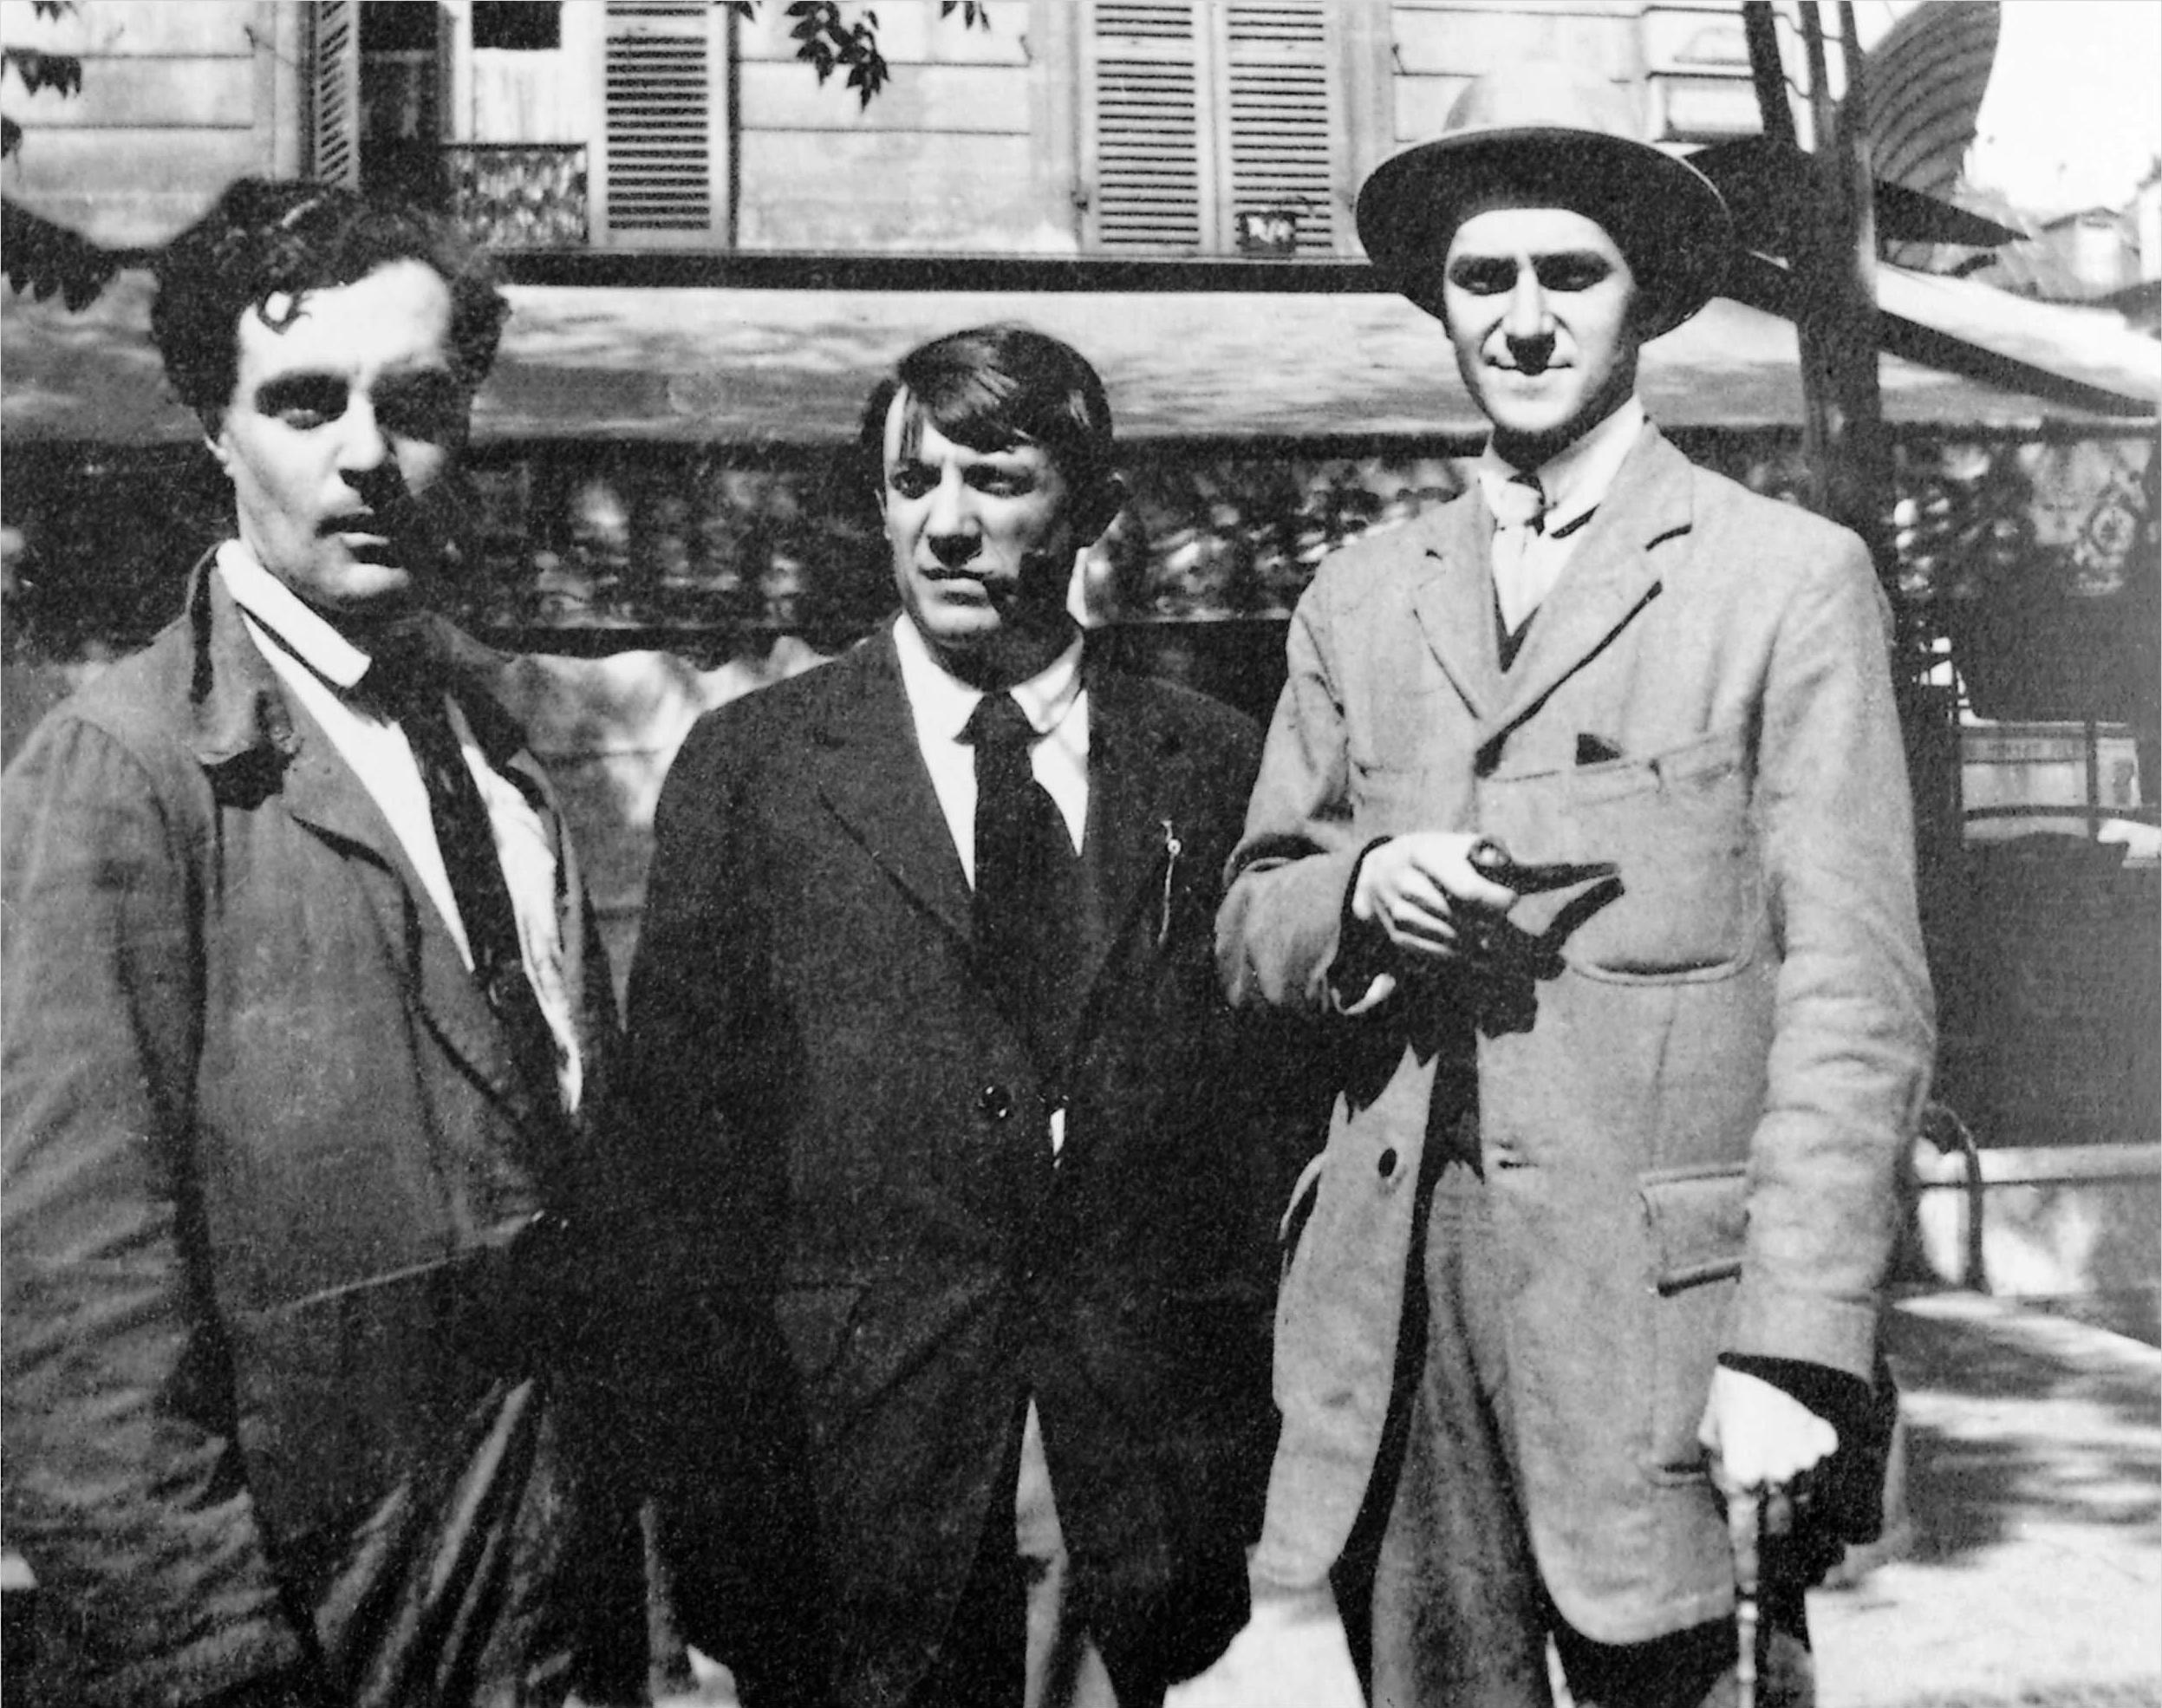 Ficheiro:Modigliani, Picasso and André Salmon.jpg